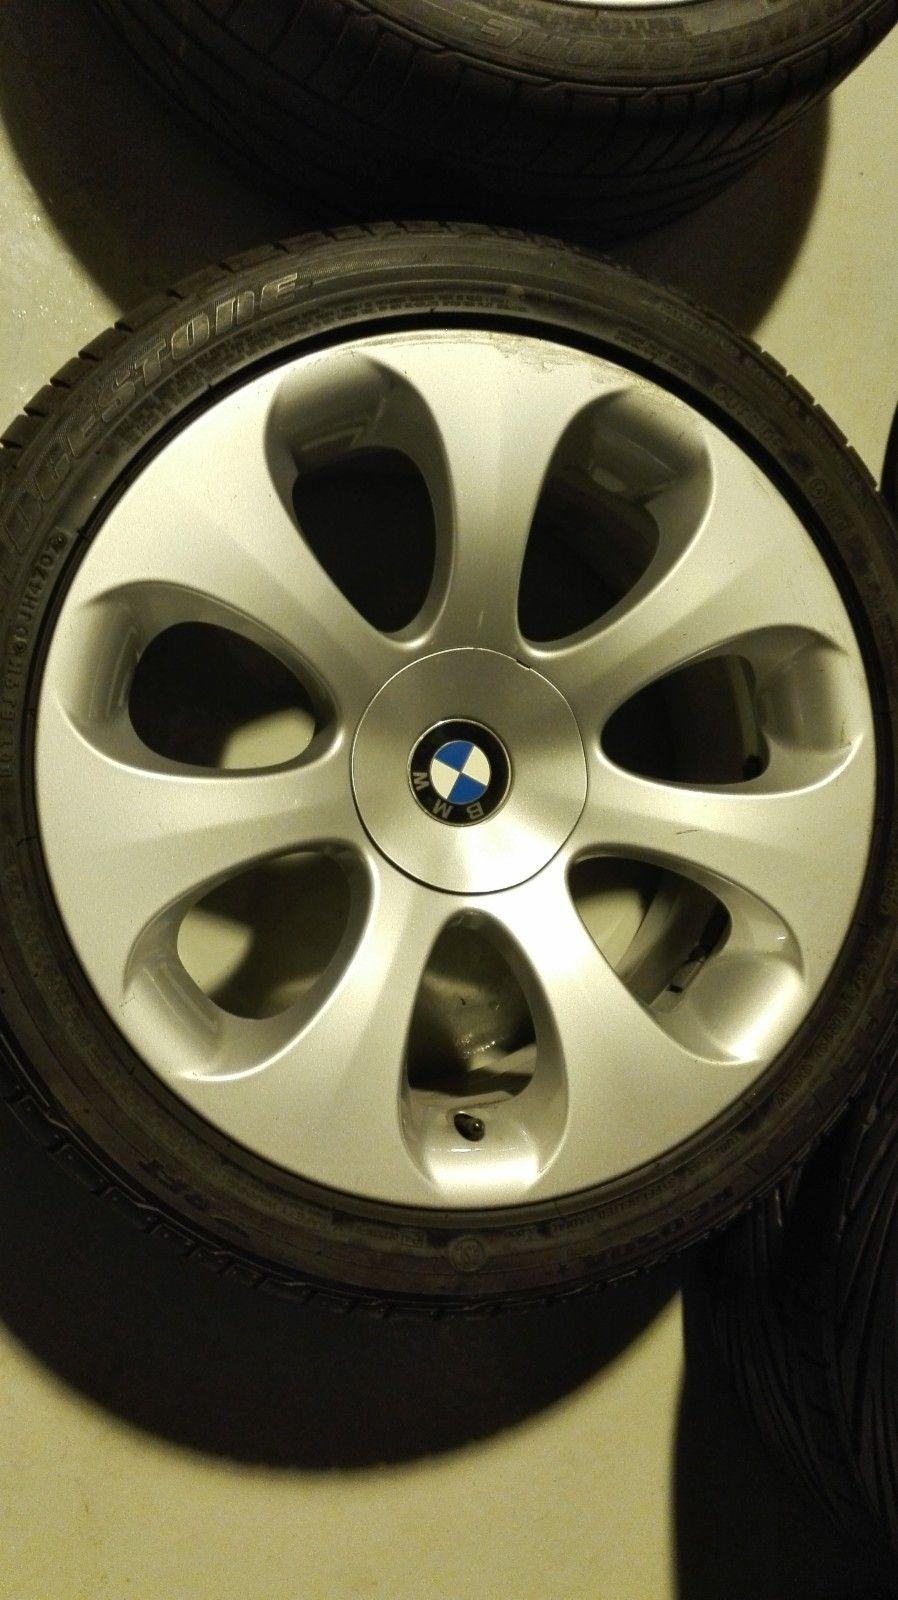 Orig. BMW hjul, passer til 6- og 7-serie. Bra sommerdekk. - Moss  - 5-120 et18/14 ø72,6  Originale hjul til BMW 6-serie. Passer også 7-serie. Har noen riper som bildene vises, men er 100%, uten skader.  245/40-19 bak 275/35-19 bak  Dekka har mye mønster igj - Moss